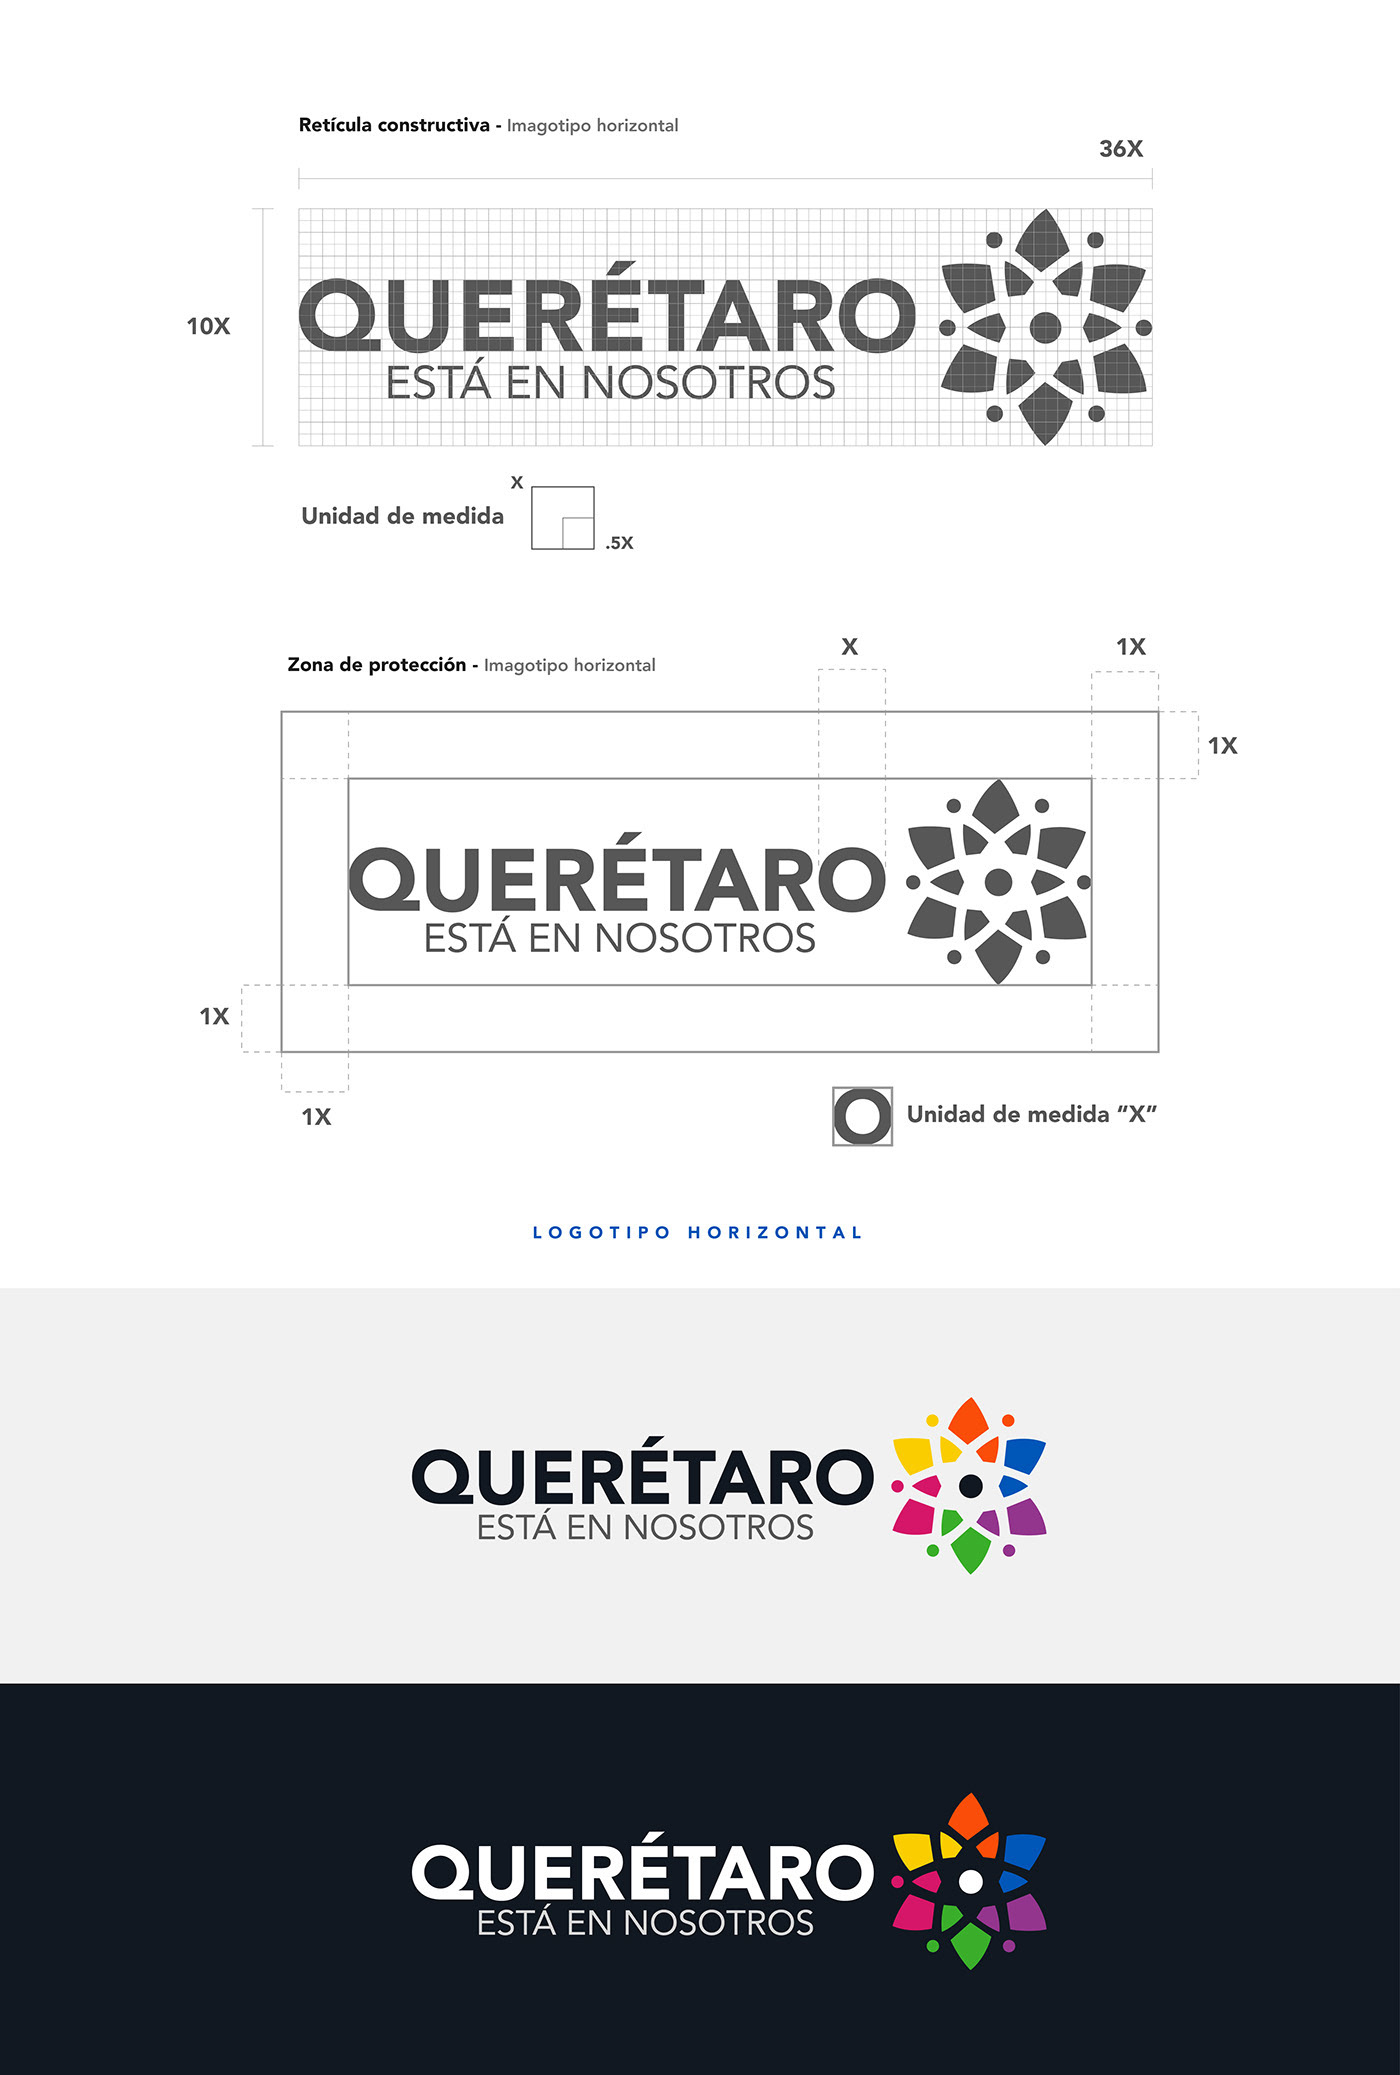 branding  City branding conceptualización dirección de arte diseño identidad visual Logotipo marca ciudad mexico Queretaro